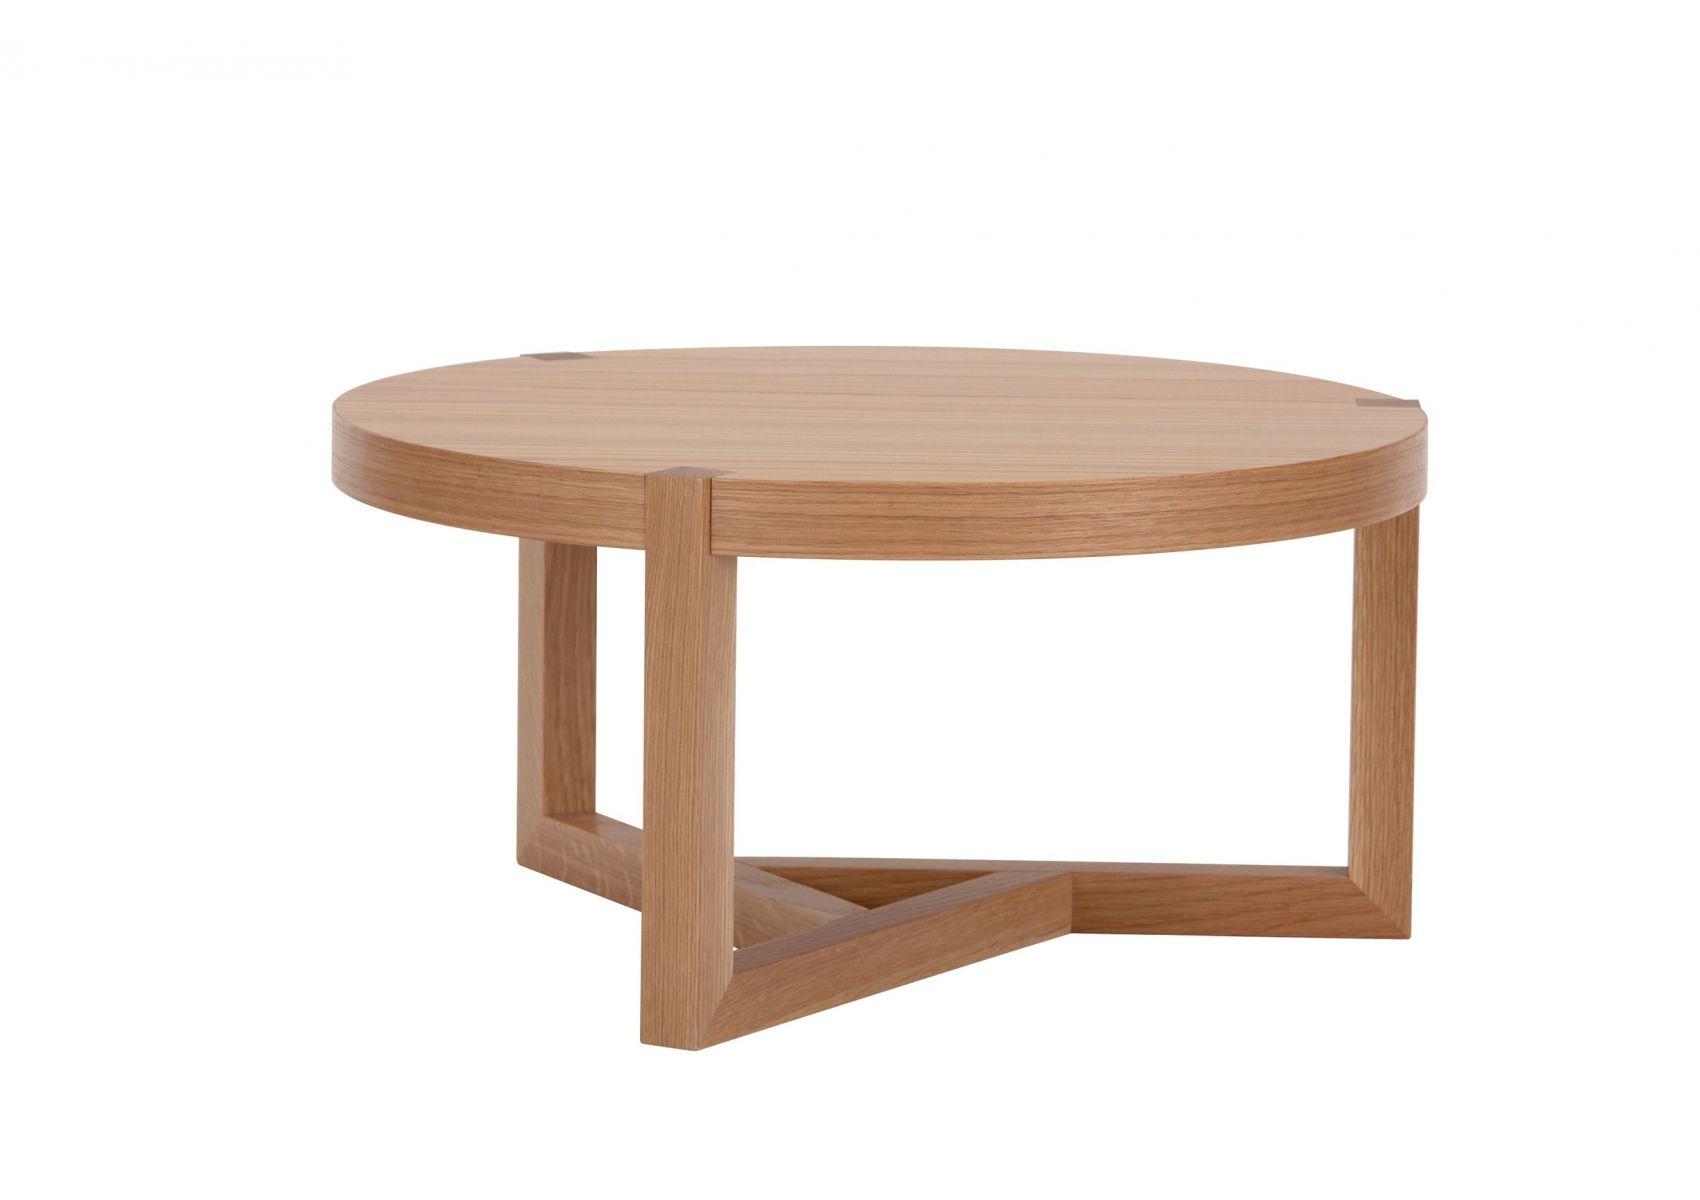 table basse ronde en bois brentwood de chez woodman. Black Bedroom Furniture Sets. Home Design Ideas